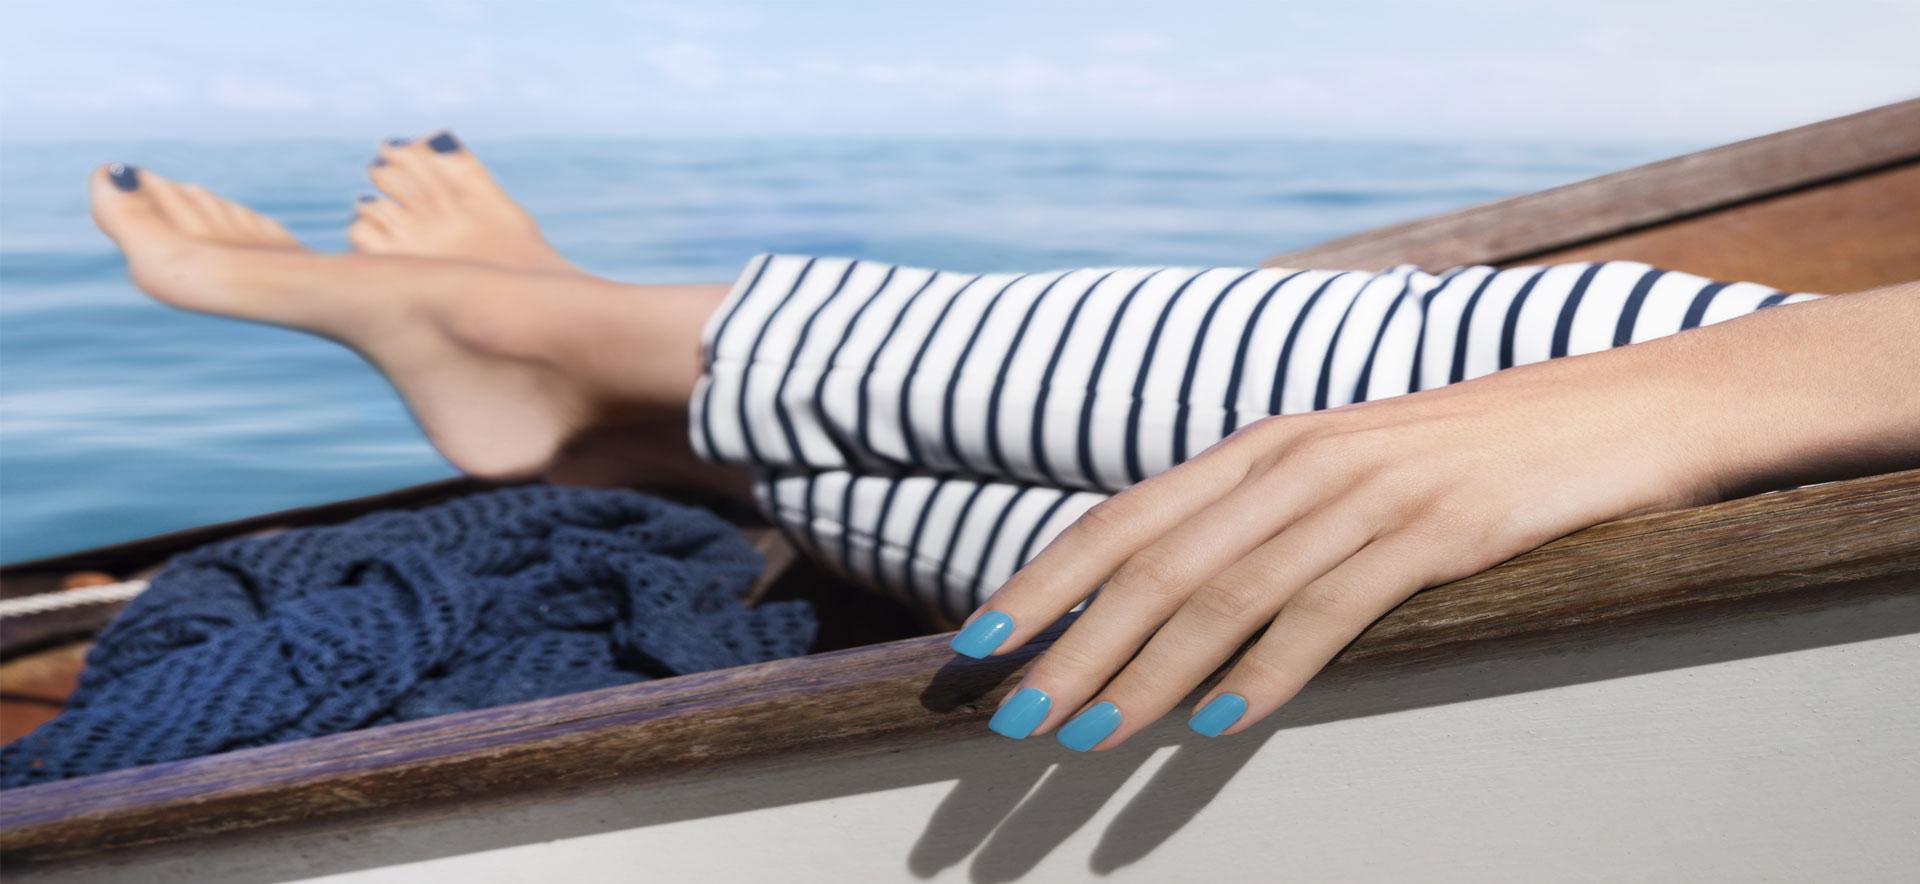 Histoire d'Ongles La rochelle - Prothésite ongulaire - Vernis Semi-permanent - Pose d'ongles en gel - Pose de faux ongles